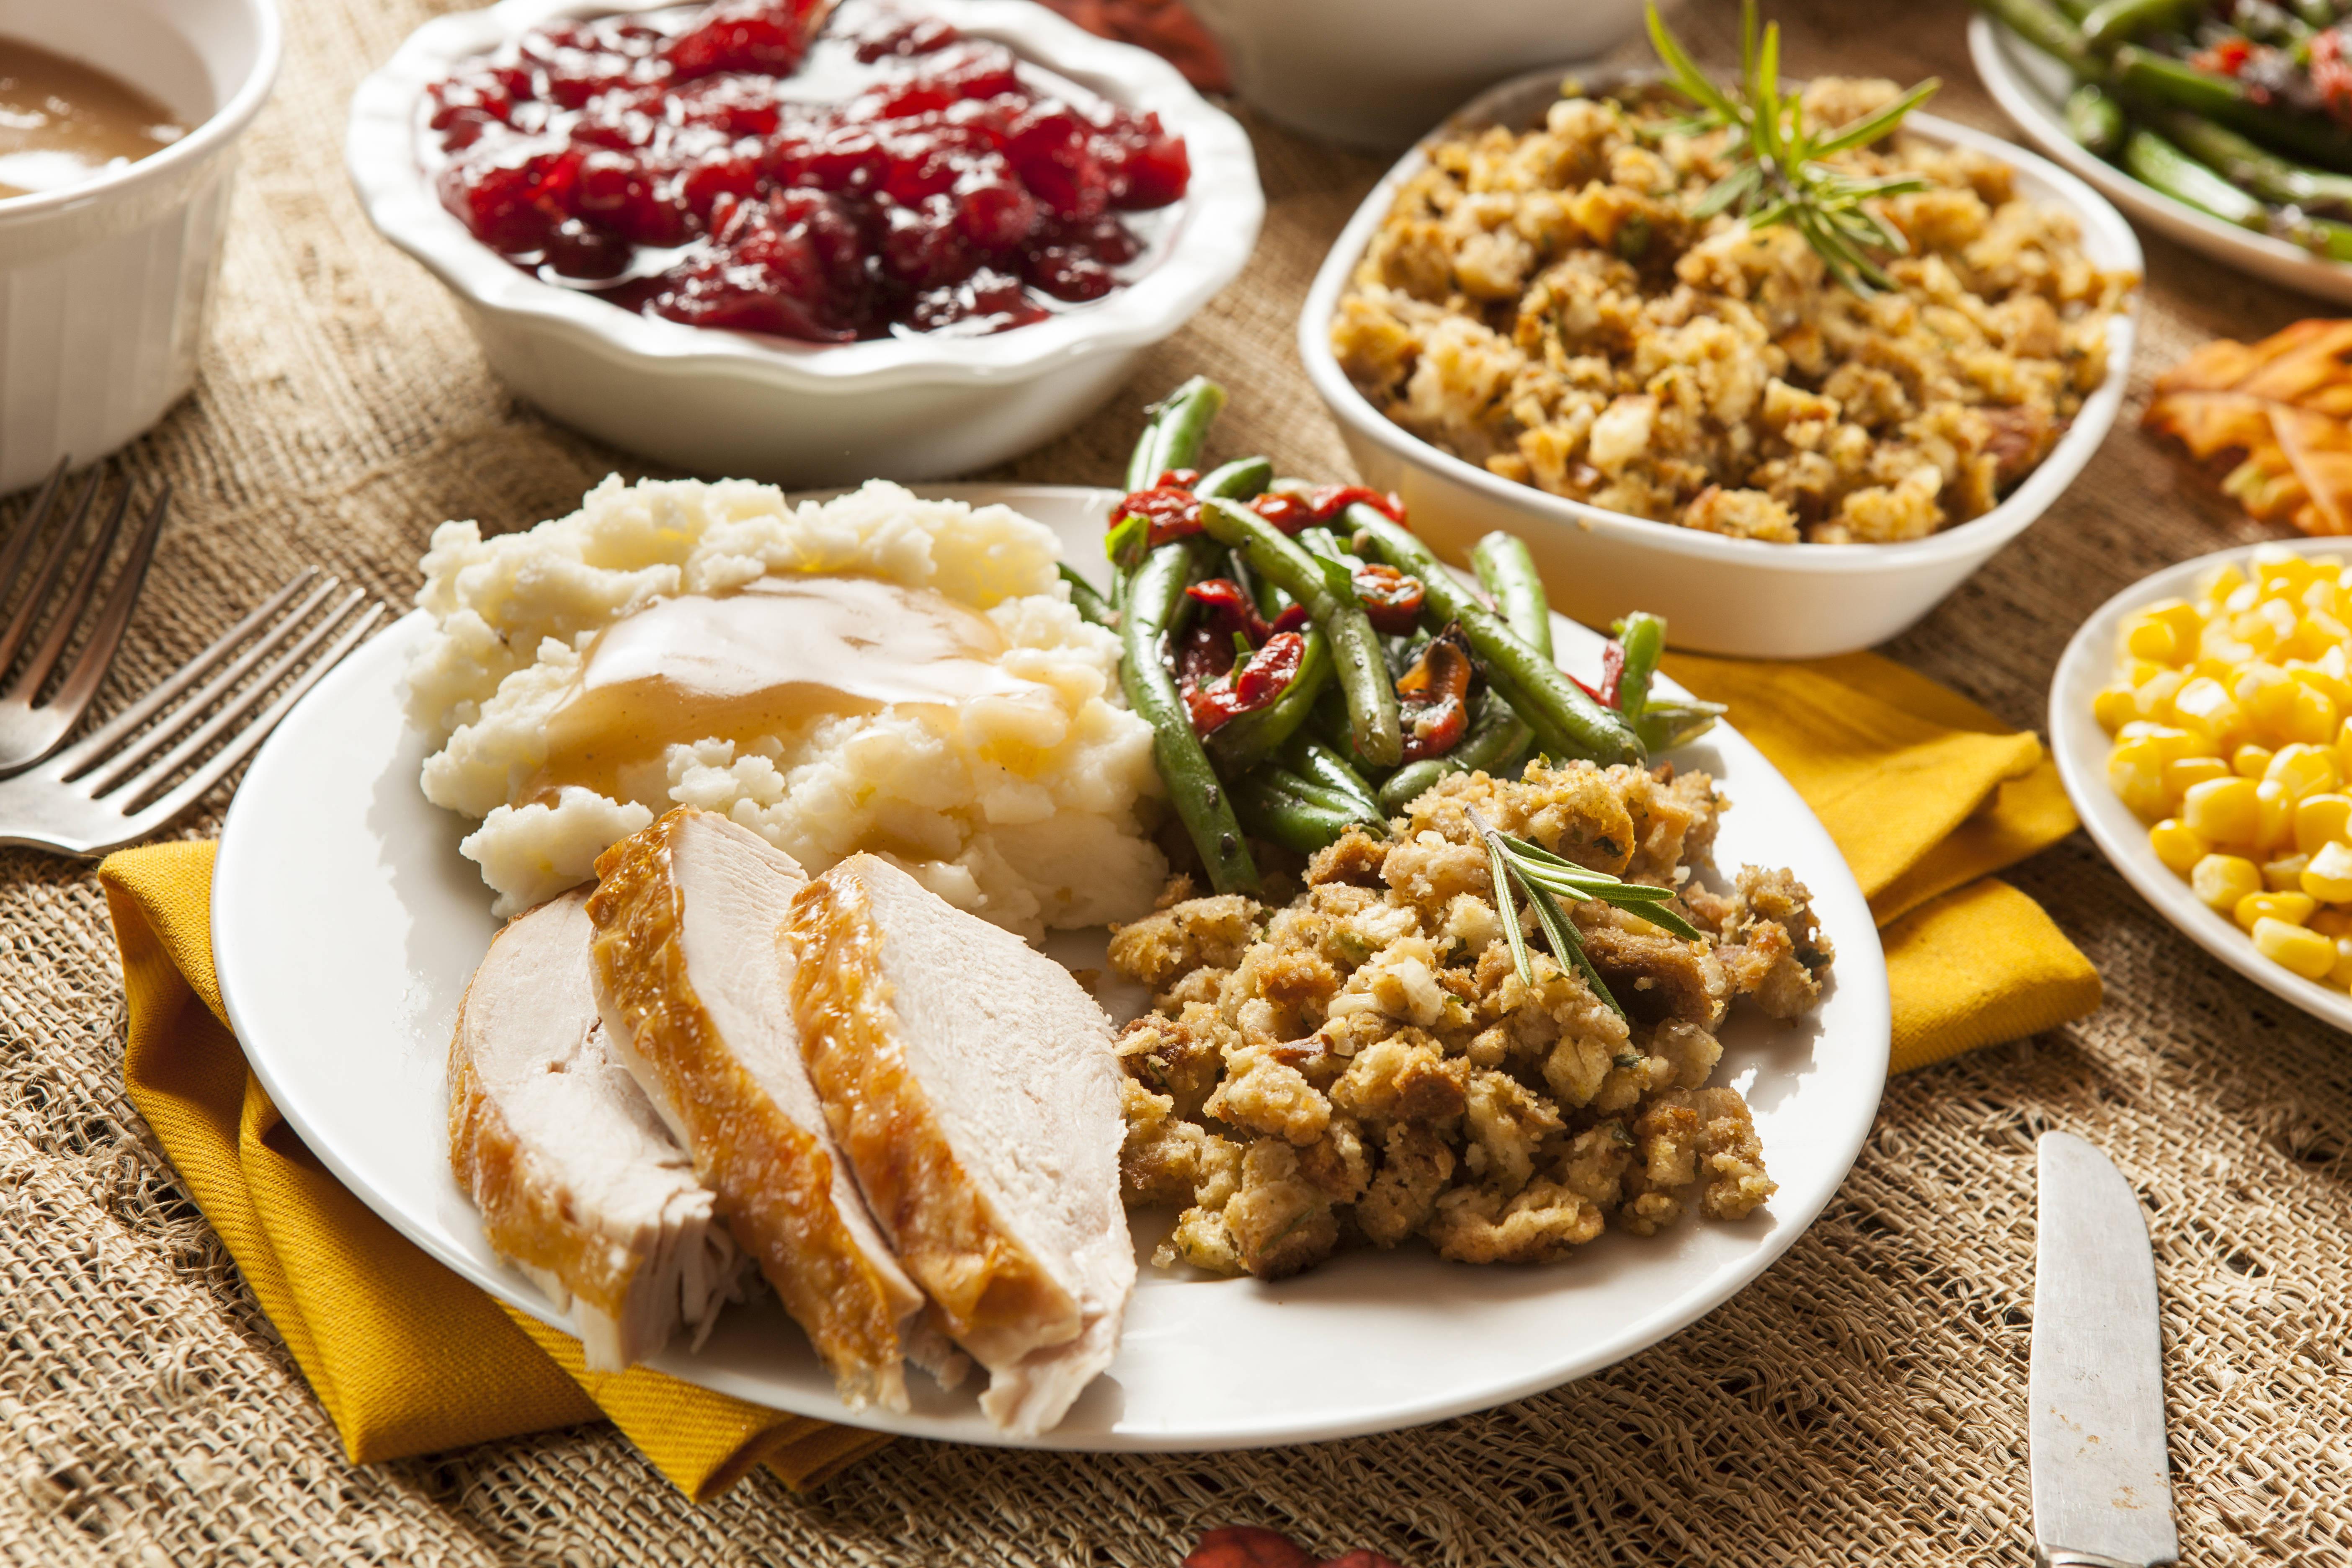 Idea For Thanksgiving Dinner  THANKSGIVING MENU IDEAS